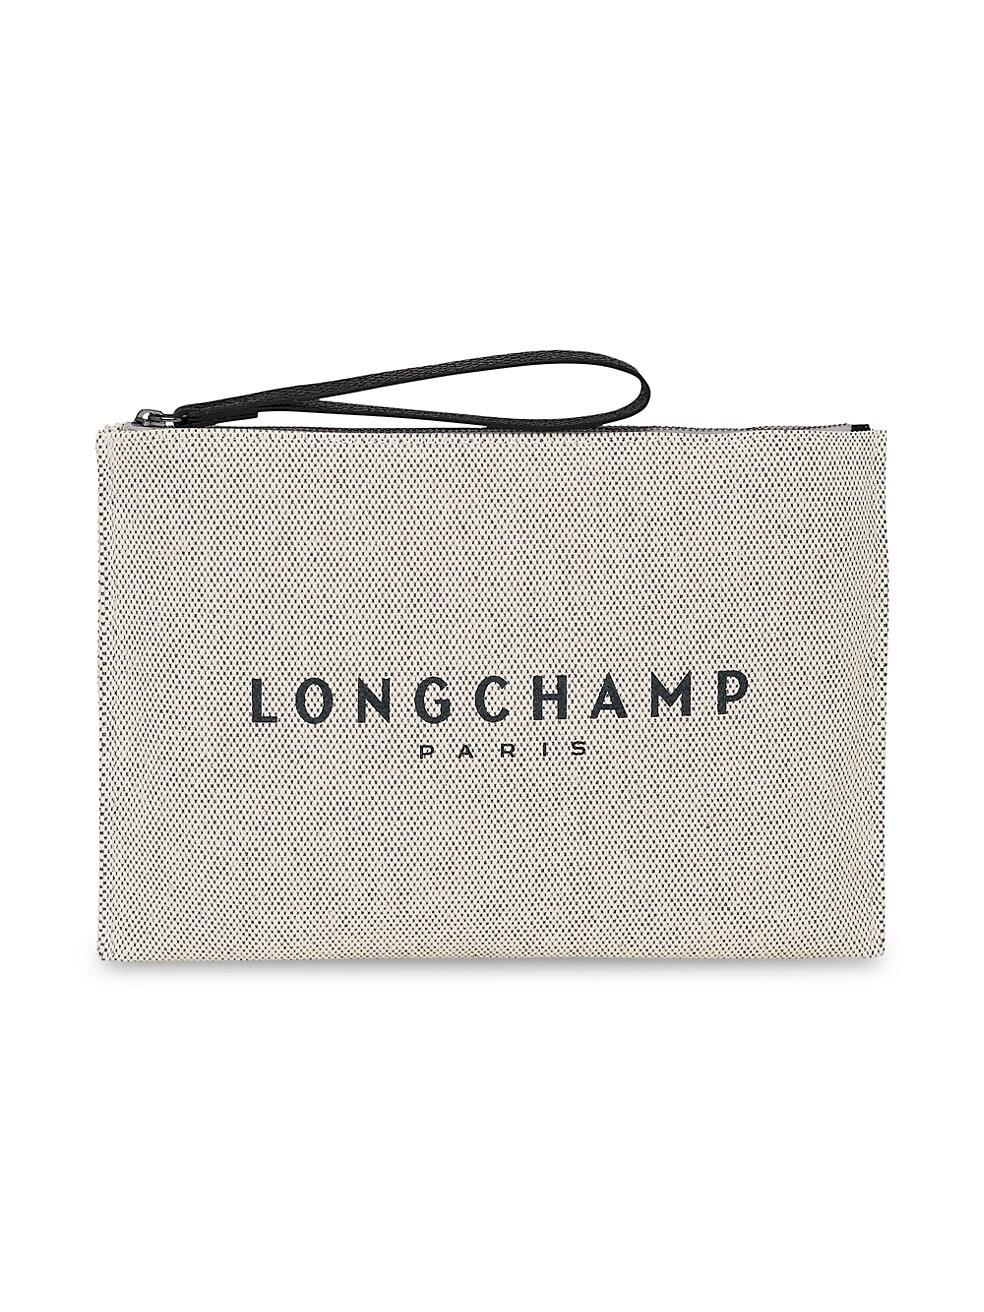 롱샴 파우치 Longchamp Essential Toile Cosmetic Case,ECRU